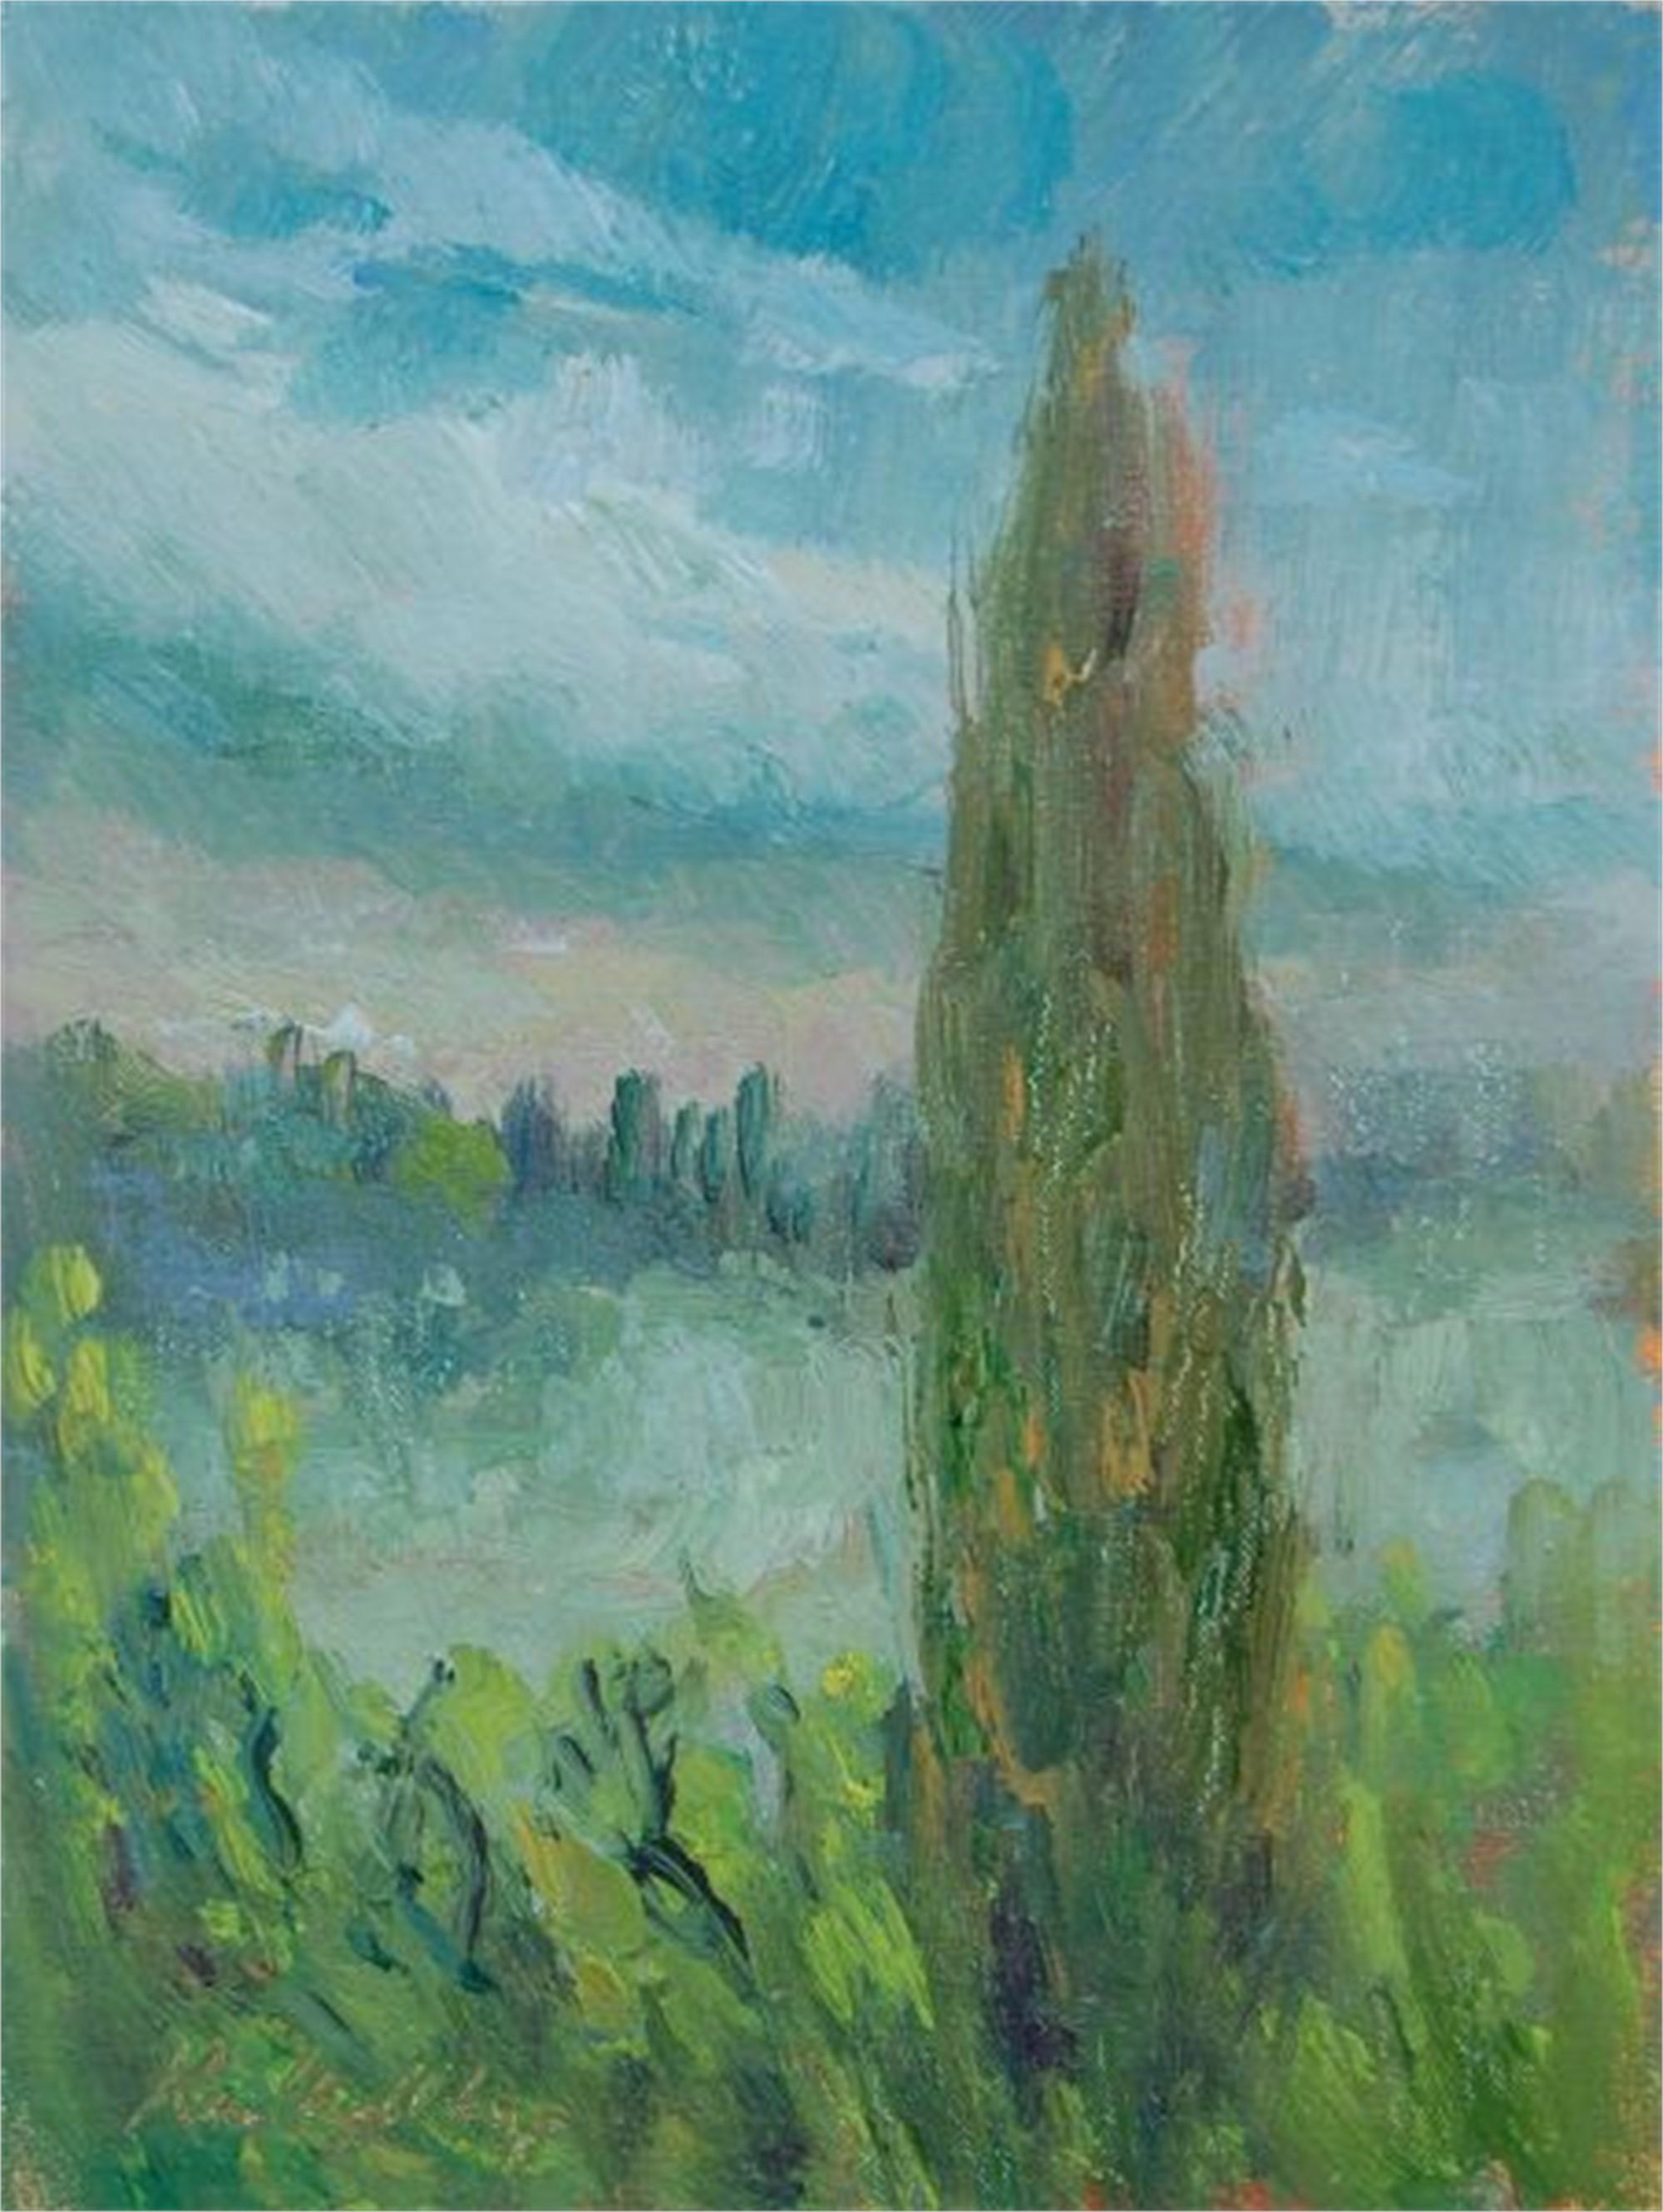 Through the Rain in Tuscany by Karen Hewitt Hagan